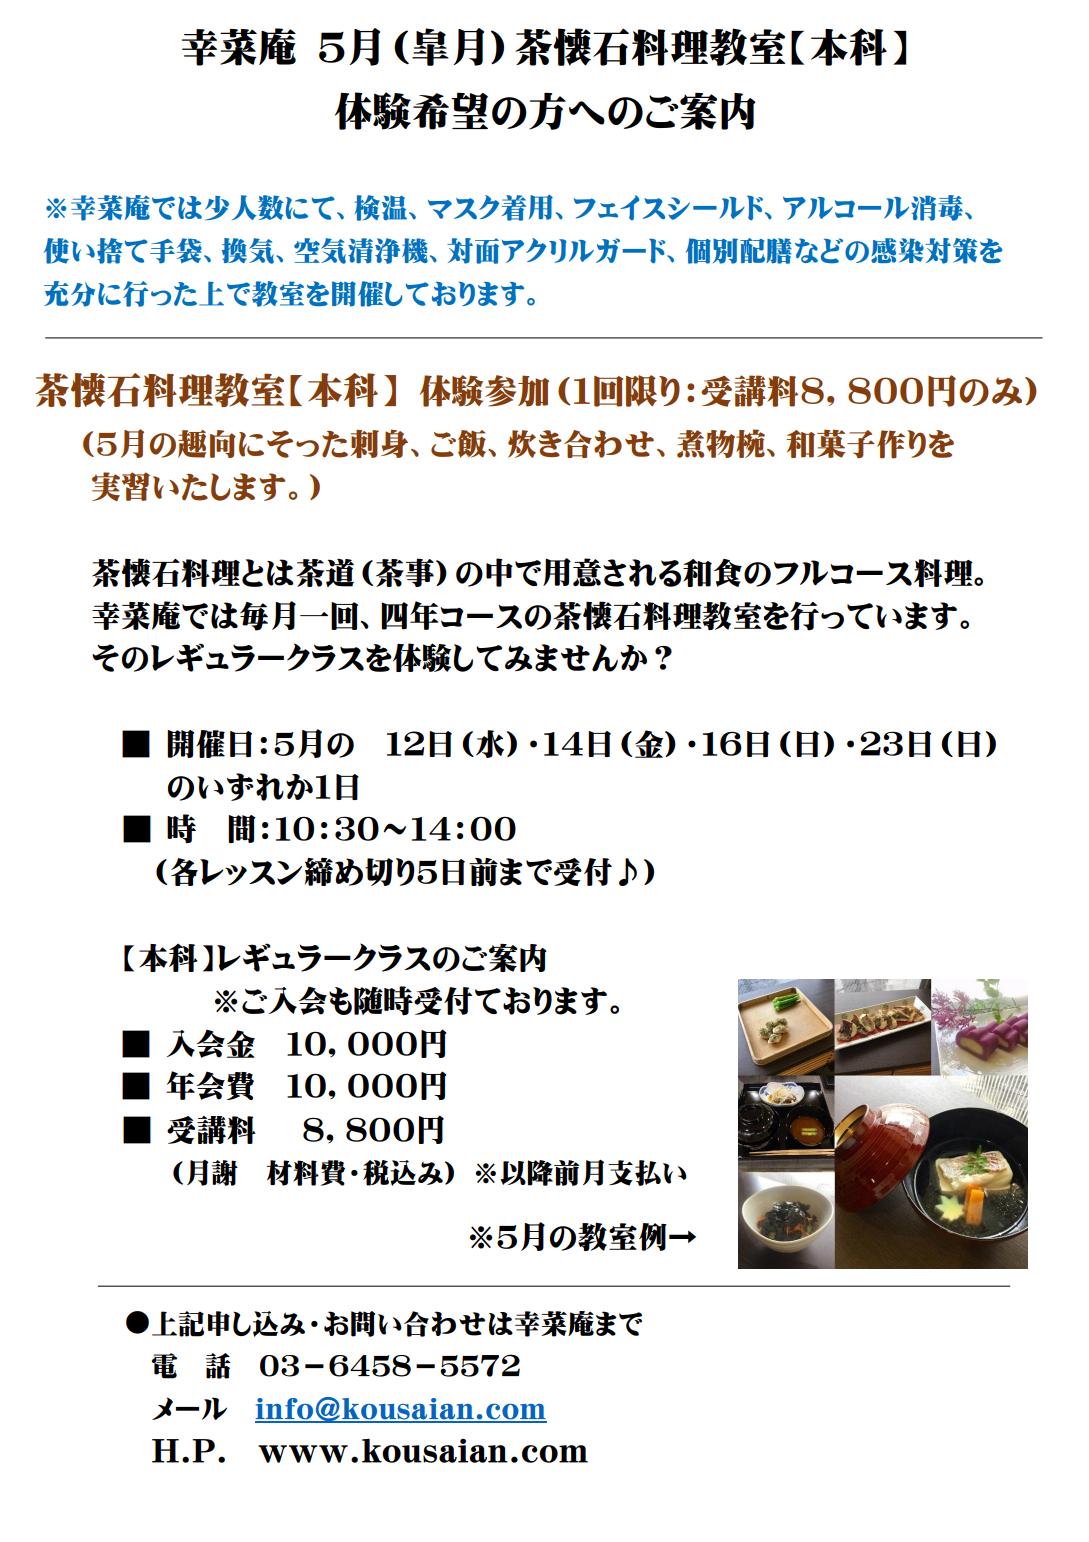 5月(皐月)幸菜庵 茶懐石料理教室の体験参加ご案内